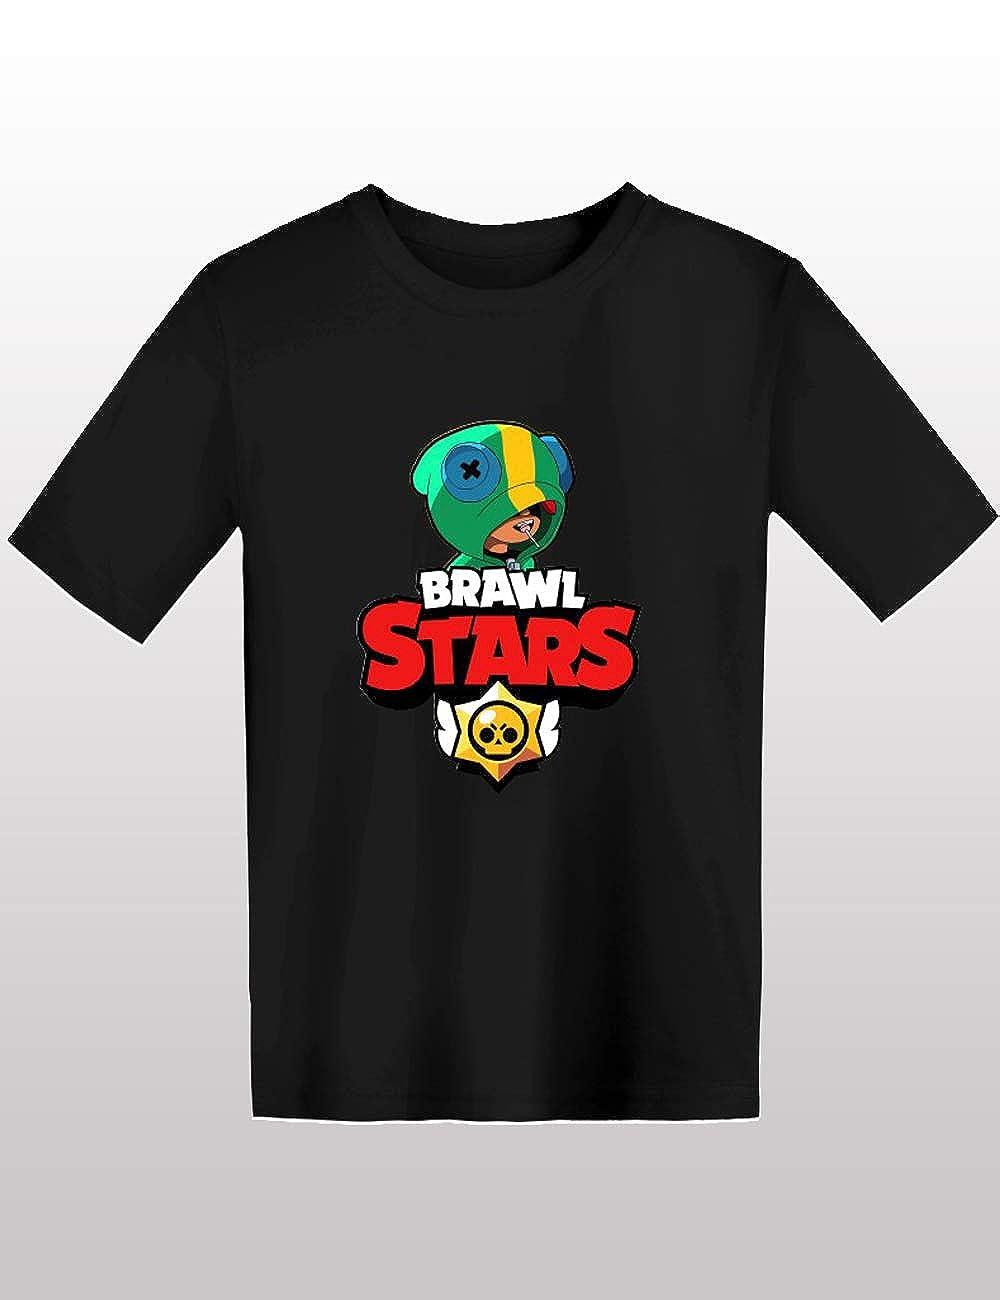 Casuale Uomo Maglietta Brawl Stars Maniche Corte Maglia con Stampa 3D Tinta Unita Estate Tee T-Shirt Camicia Tops Camicetta Blusa Maglietta da Ragazzo Bambini